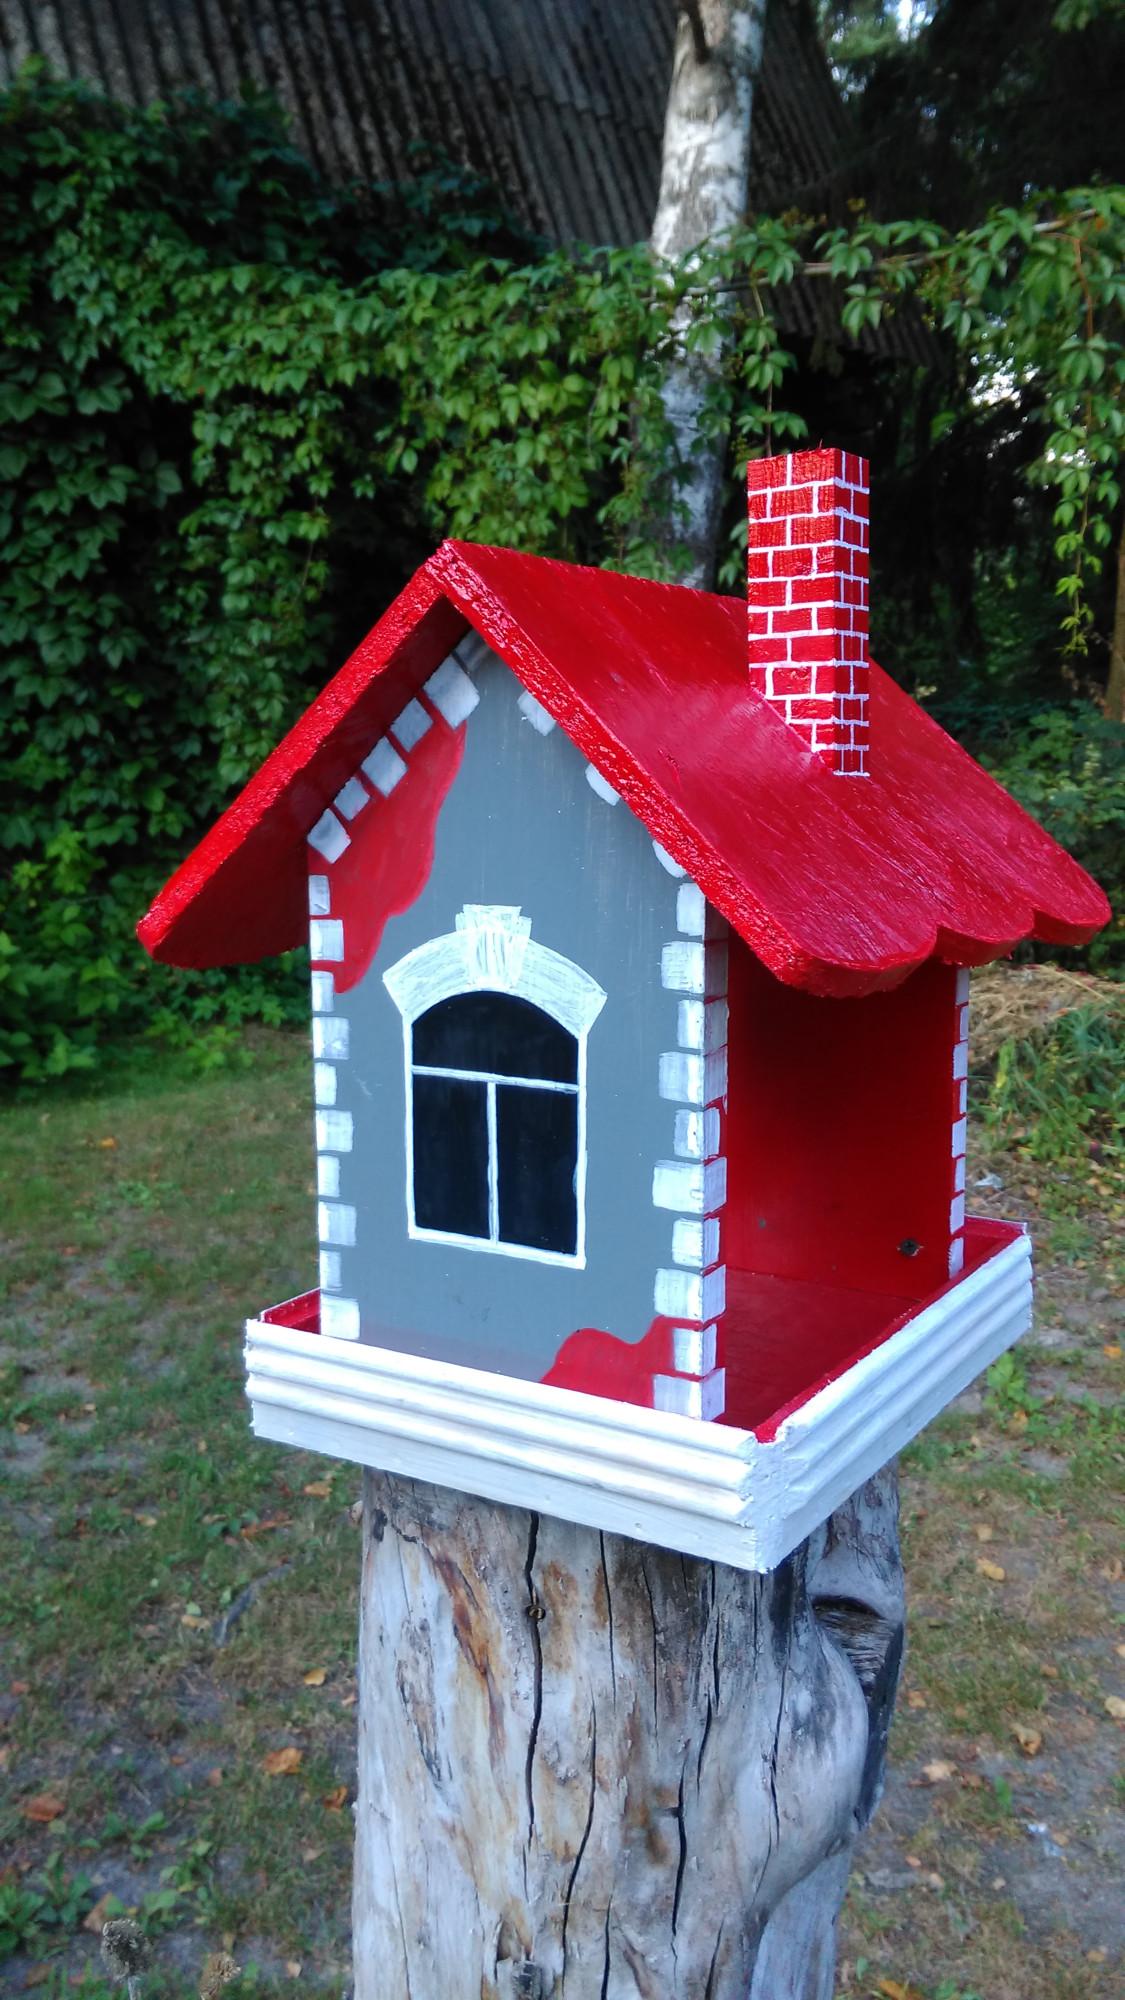 Кормушка для птиц, смастерил, пока был в отпуске. О ней я уже писал https://korolevvlad.livejournal.com/13192.html